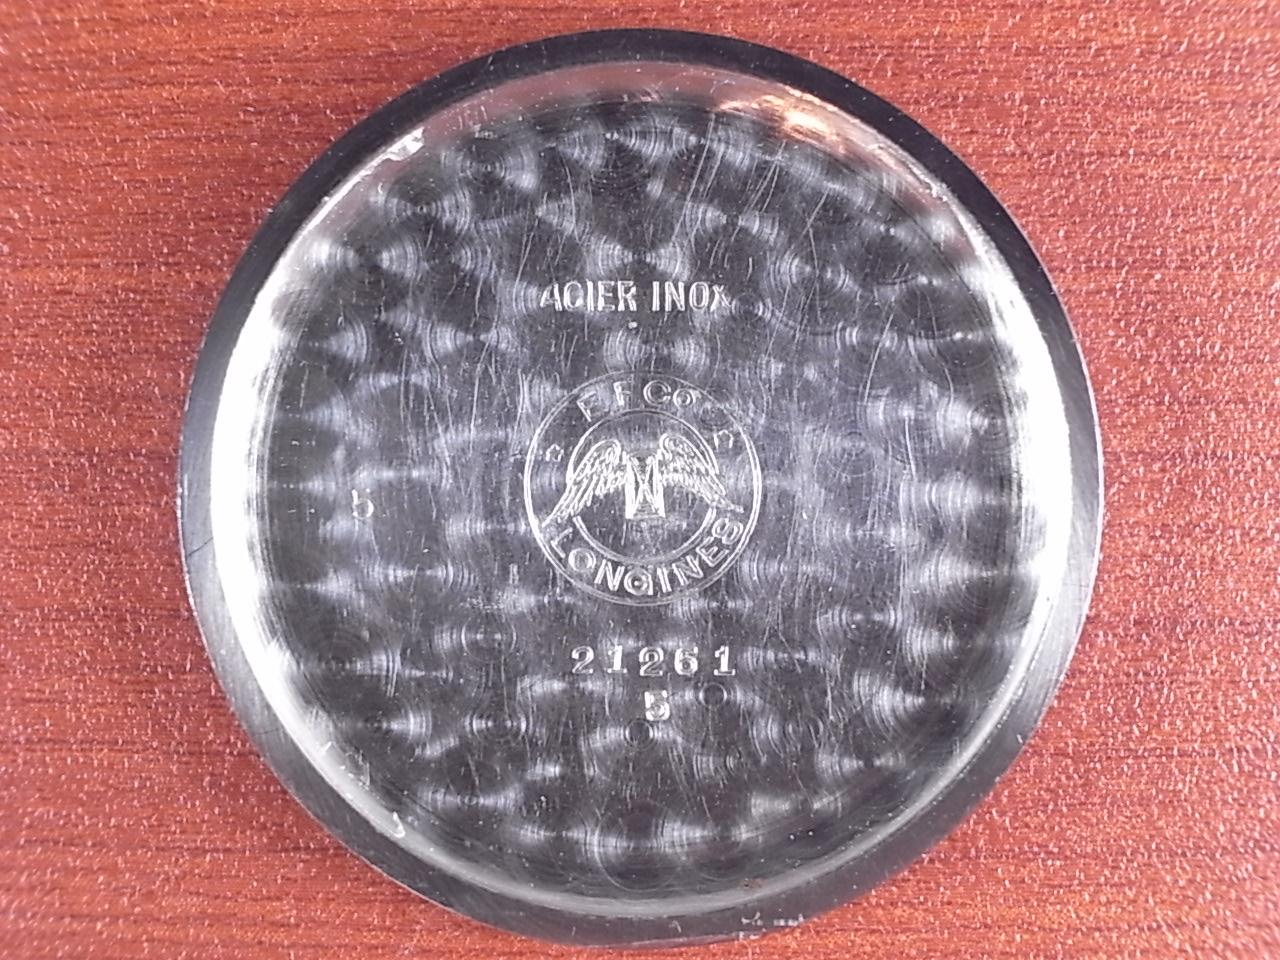 ロンジン ブルズアイ グレー/ゴールド ニアミントコンディション 1930年代の写真6枚目